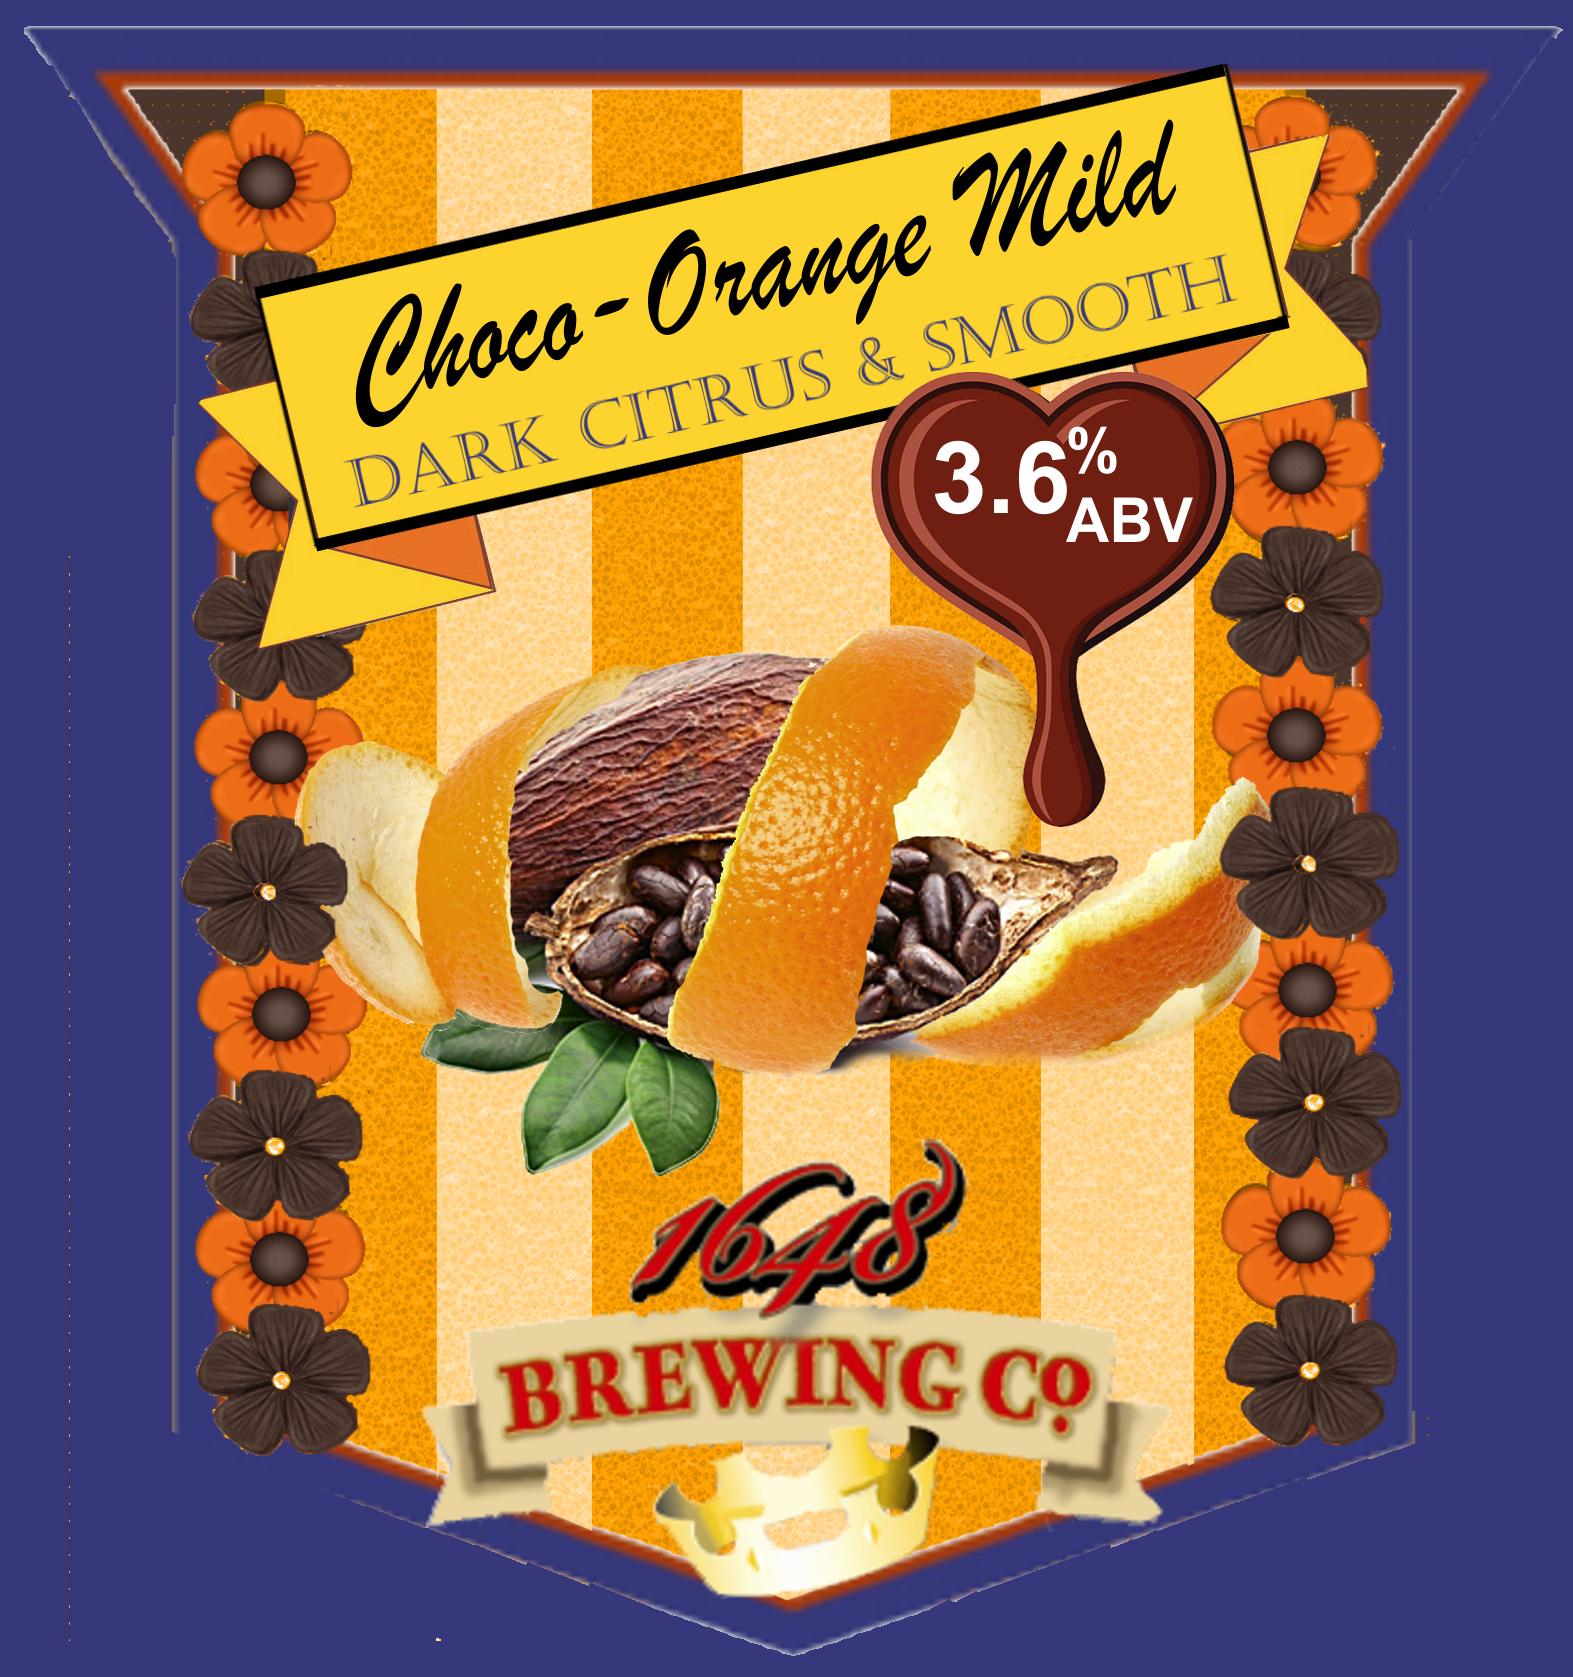 Choco- Orange Mild 3.6%